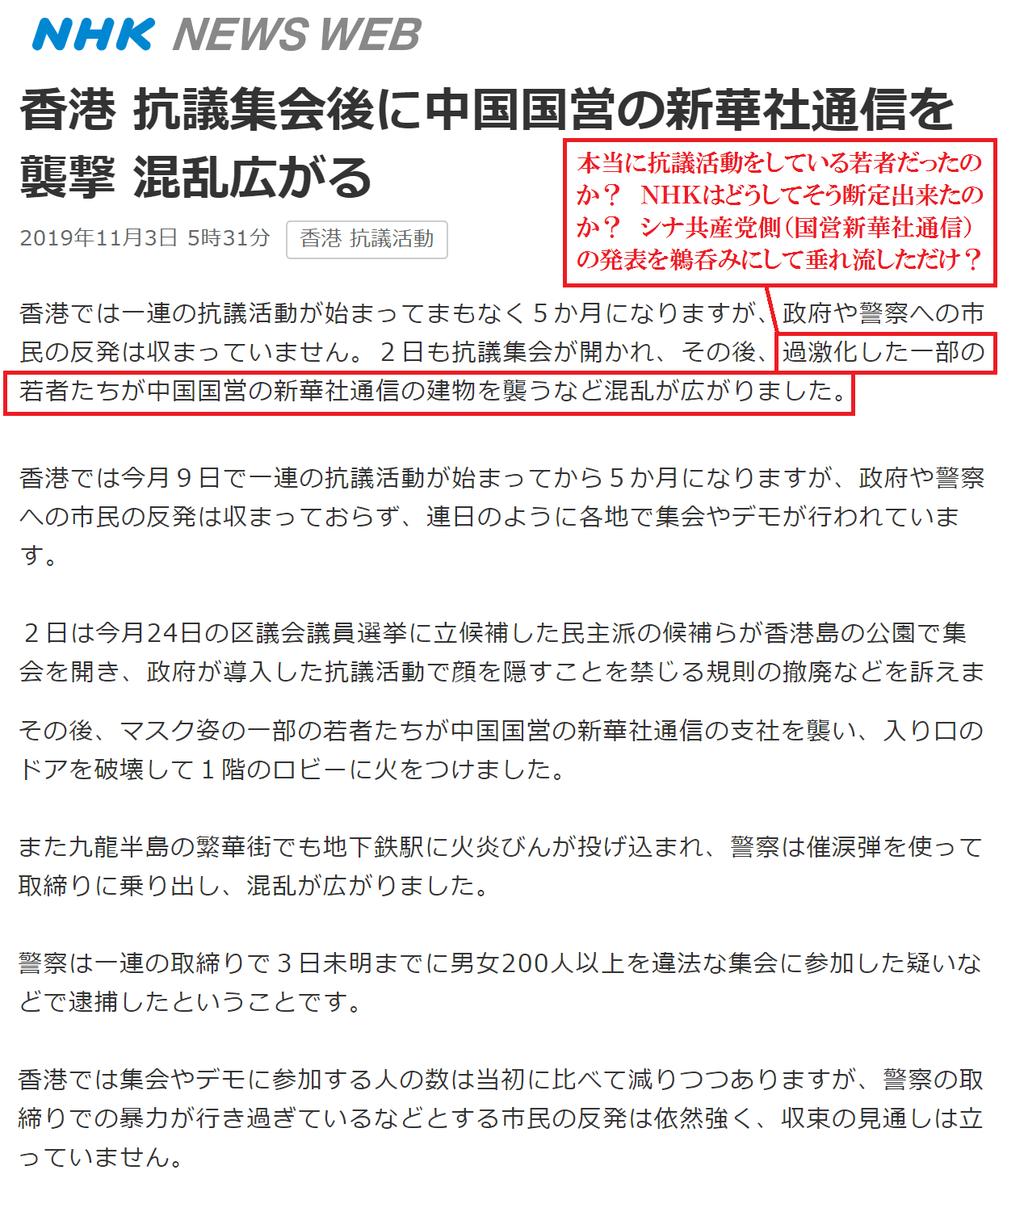 NHK「デモ隊の若者が新華社通信社を襲撃した」